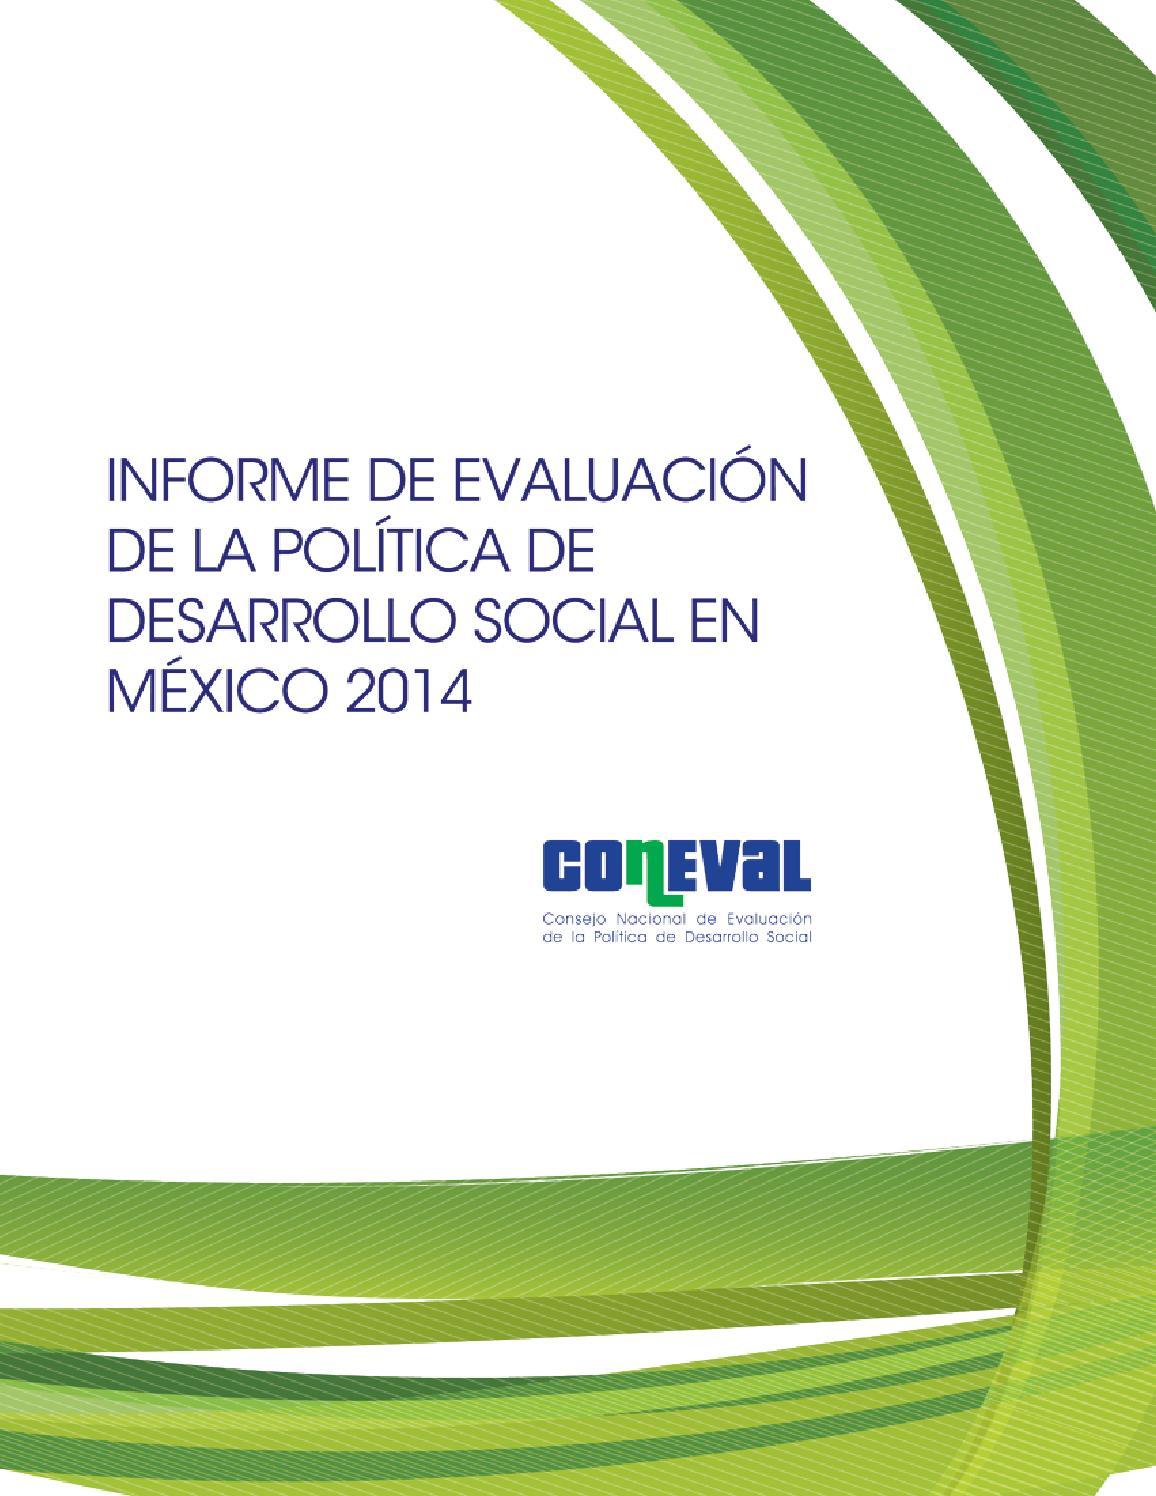 Coneval IEPDS 2014 by Políticas Públicas - issuu